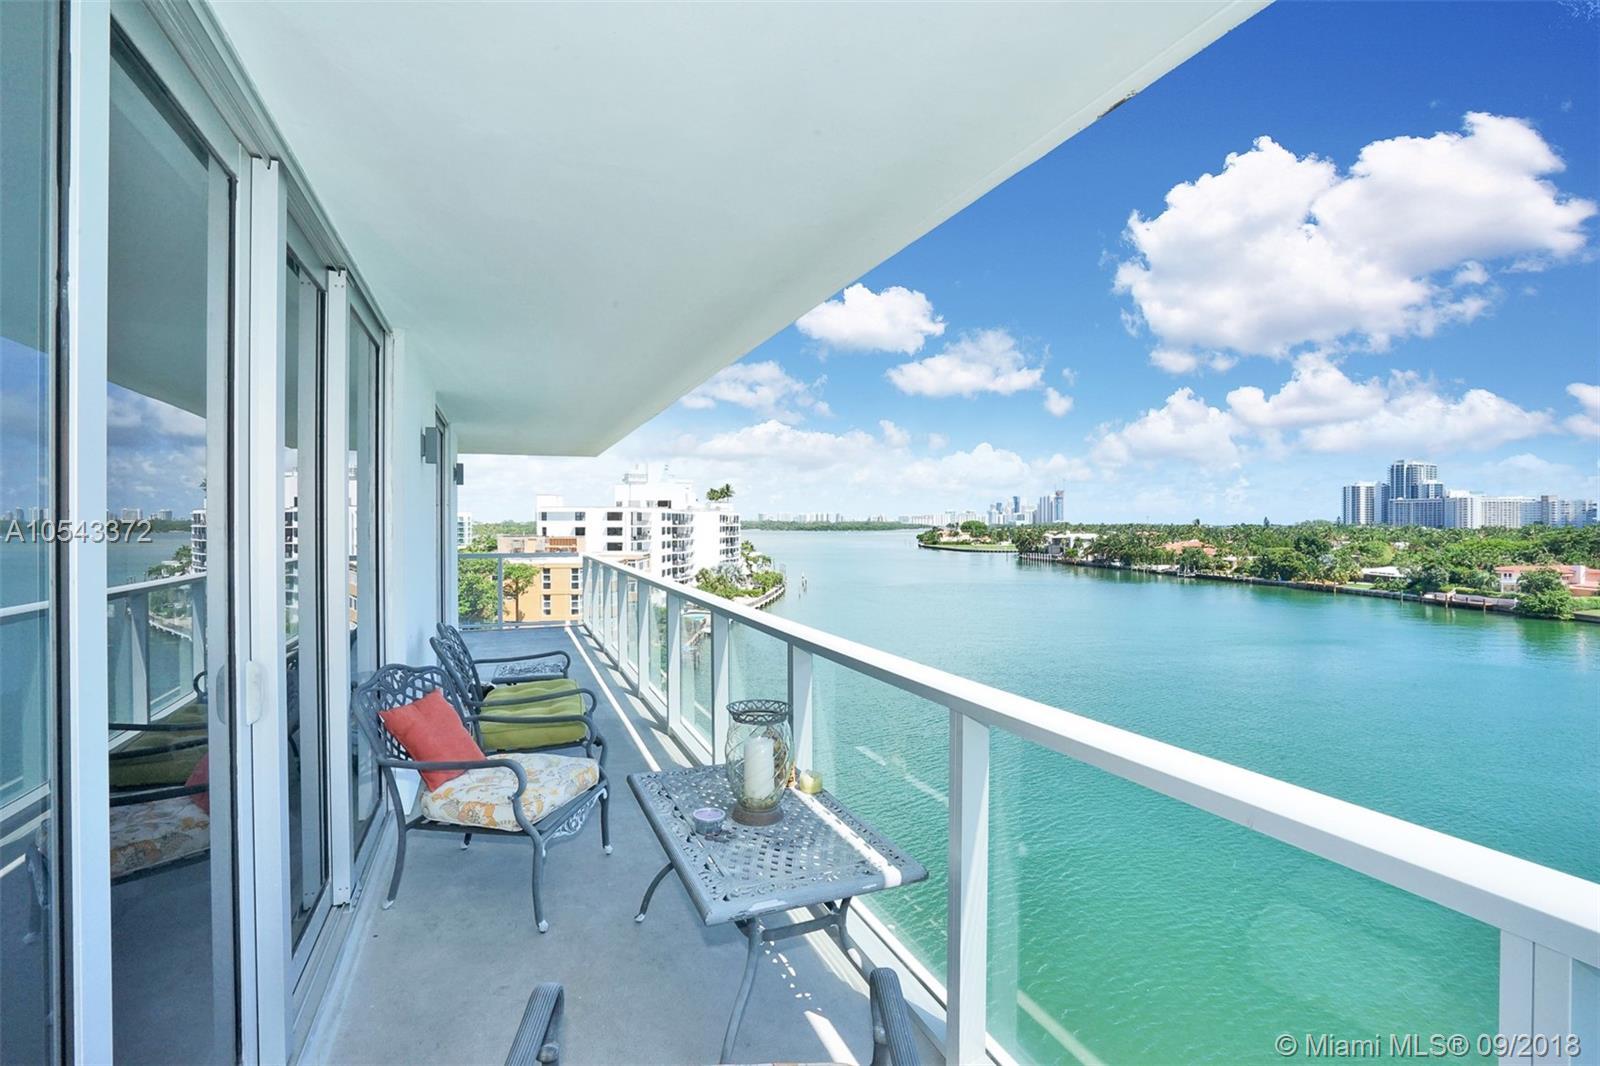 9901 E Bay Harbor Dr #701 For Sale A10543372, FL